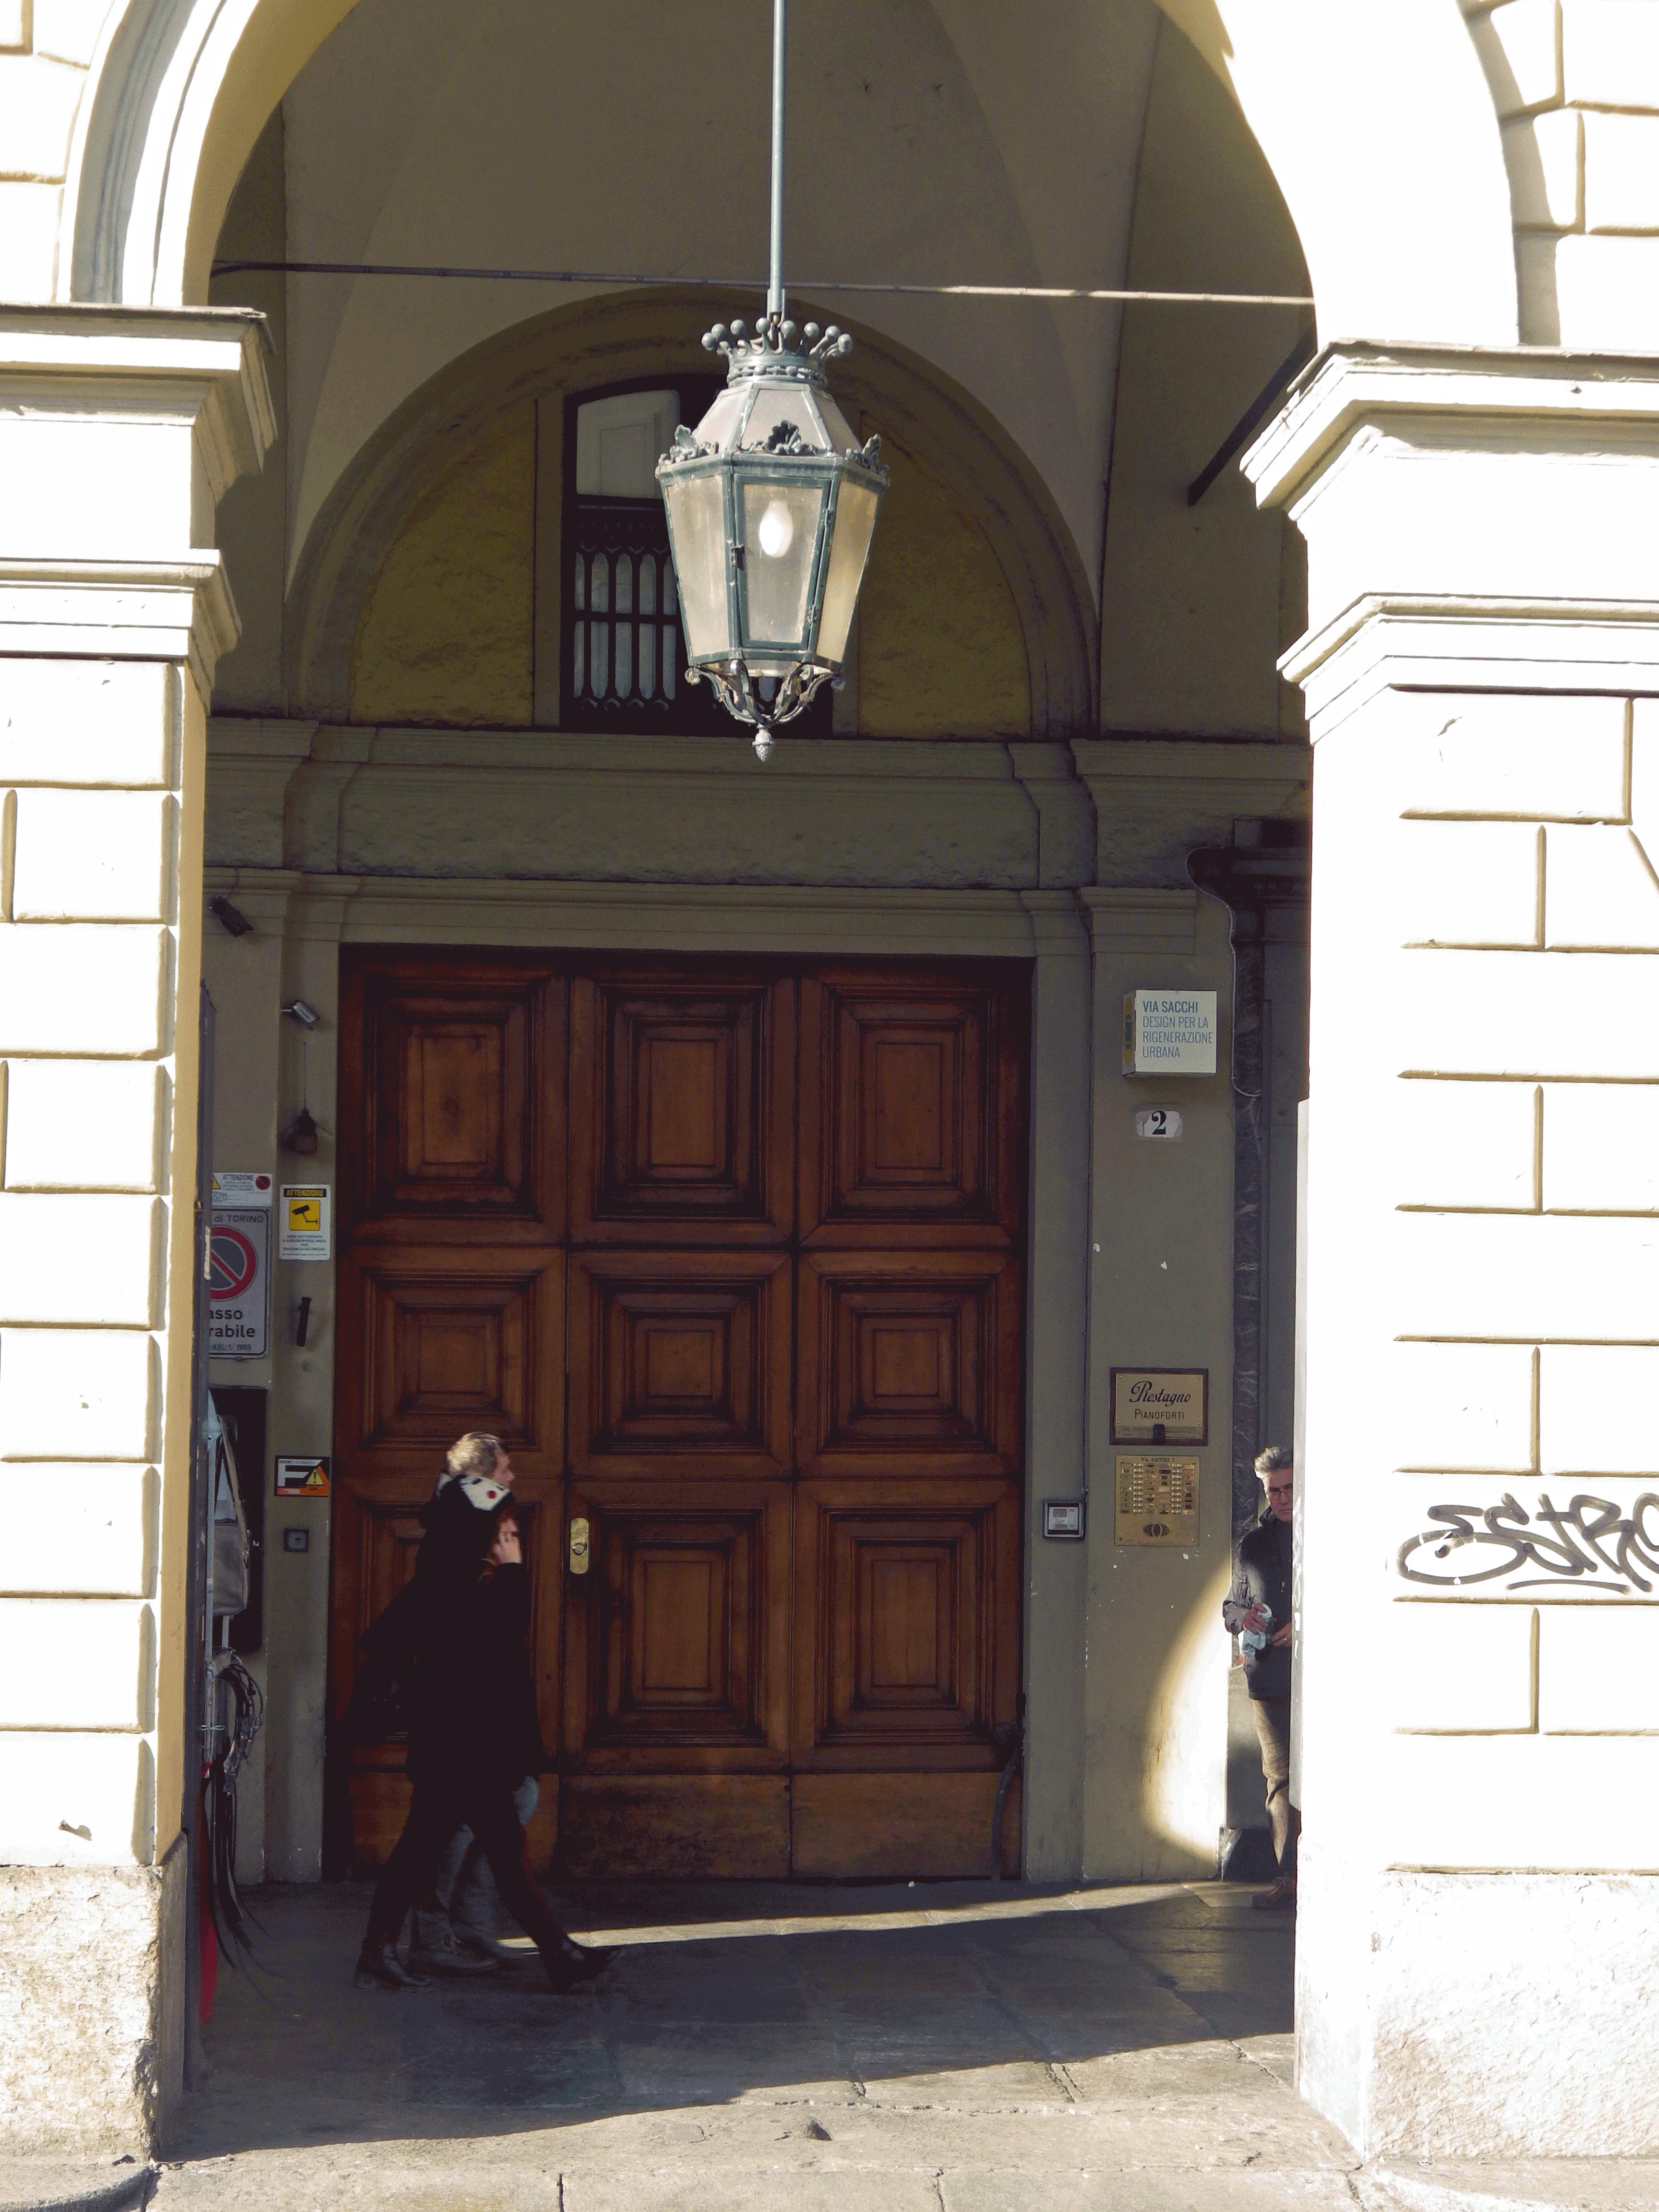 Ingresso Via sacchi 2, Torino